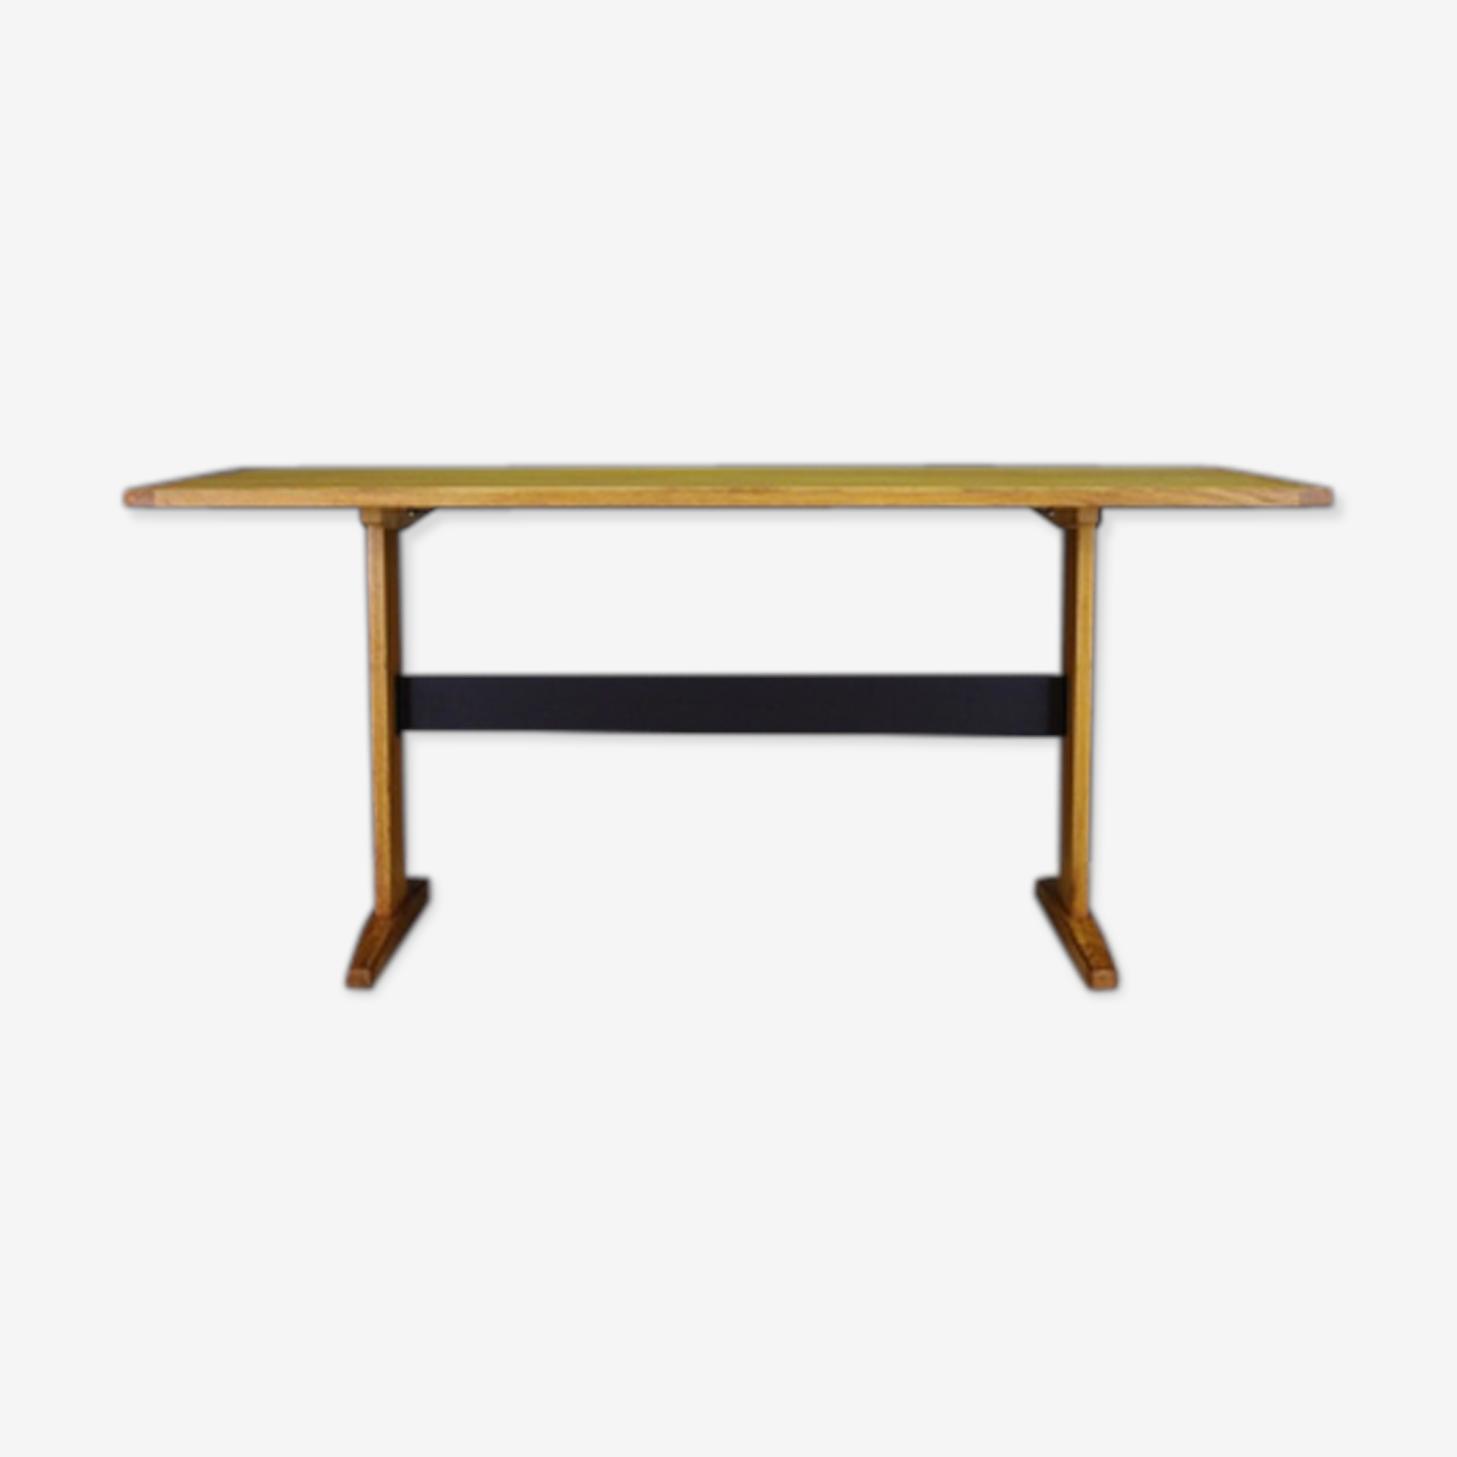 Table frêne scandinave 60/70